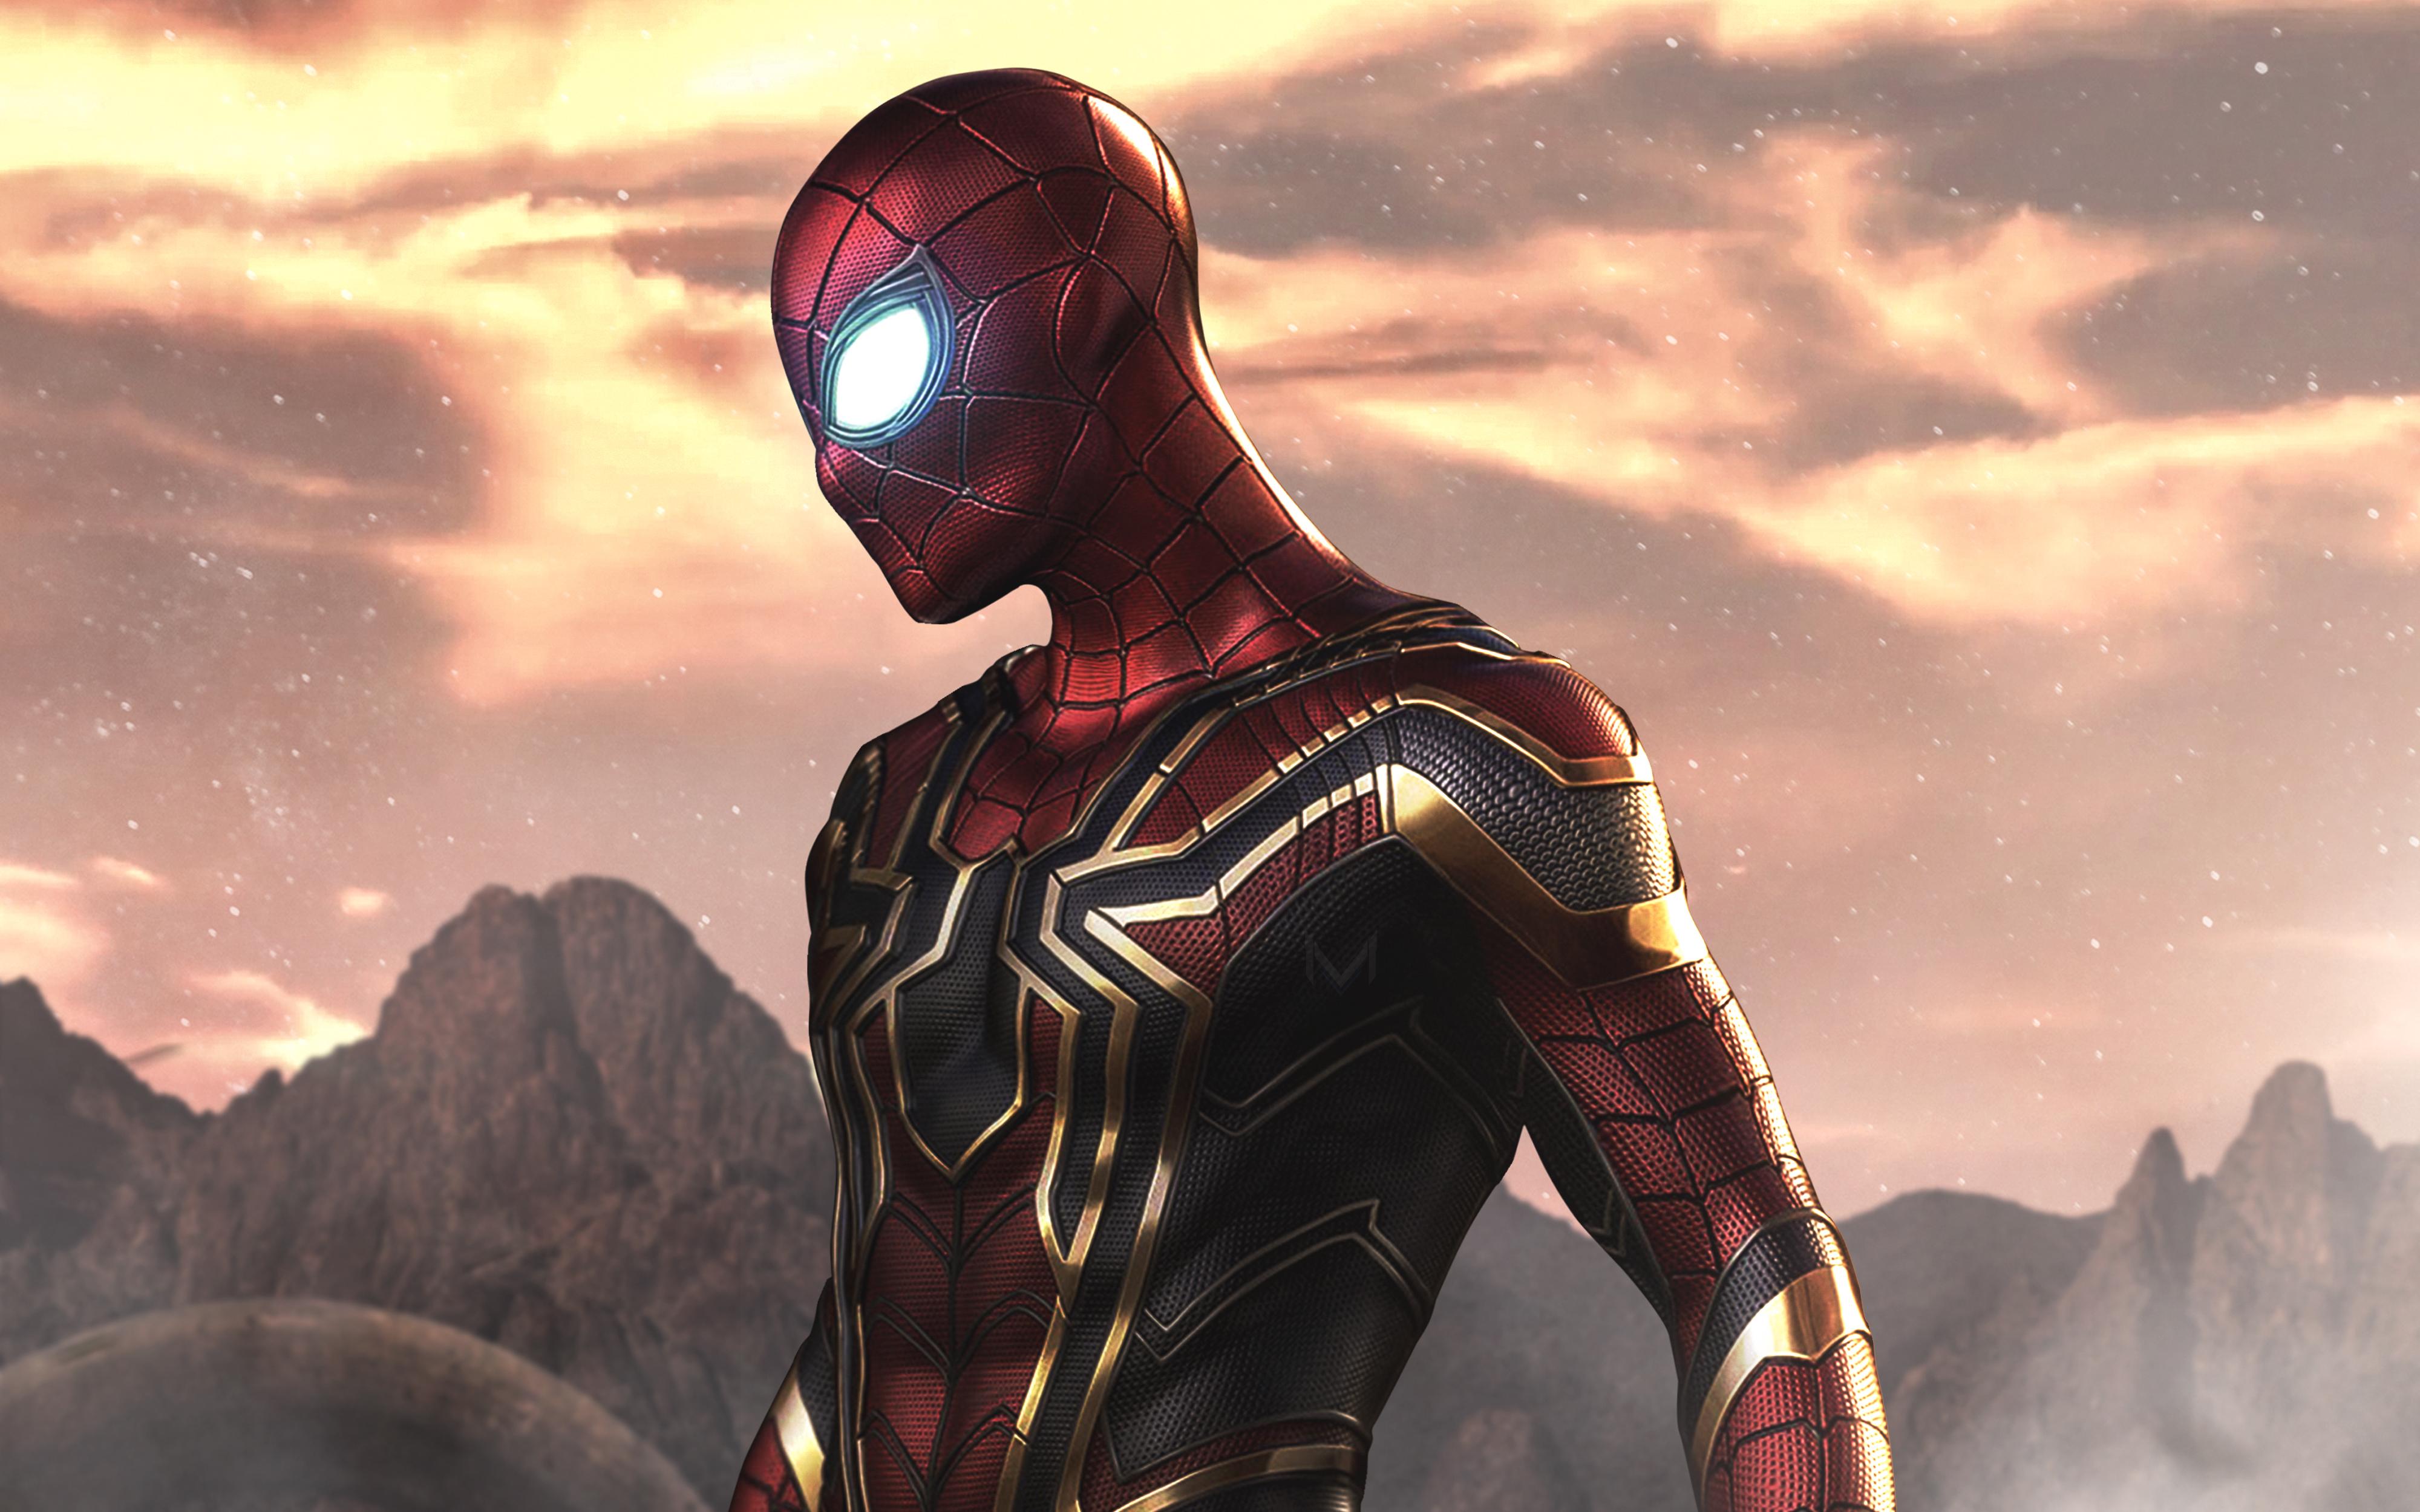 The Iron Spider 4k Ultra Hd Wallpaper Hintergrund